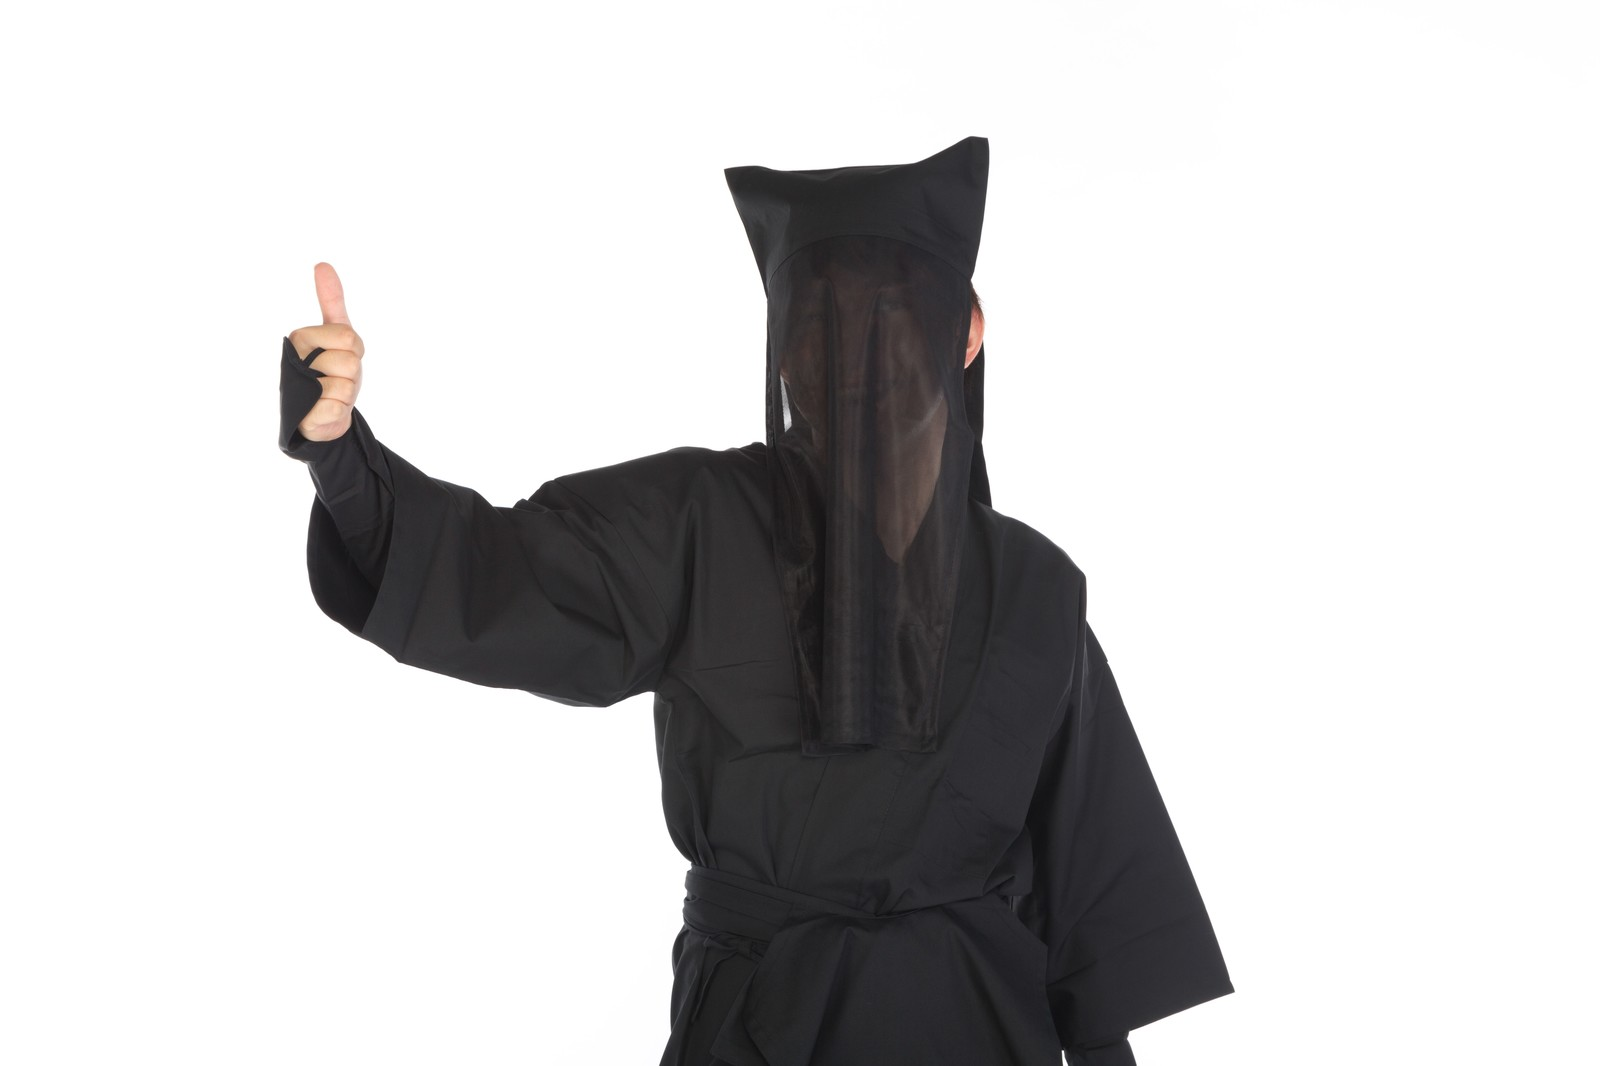 「黒子のグッジョブ」の写真[モデル:鈴木秀]